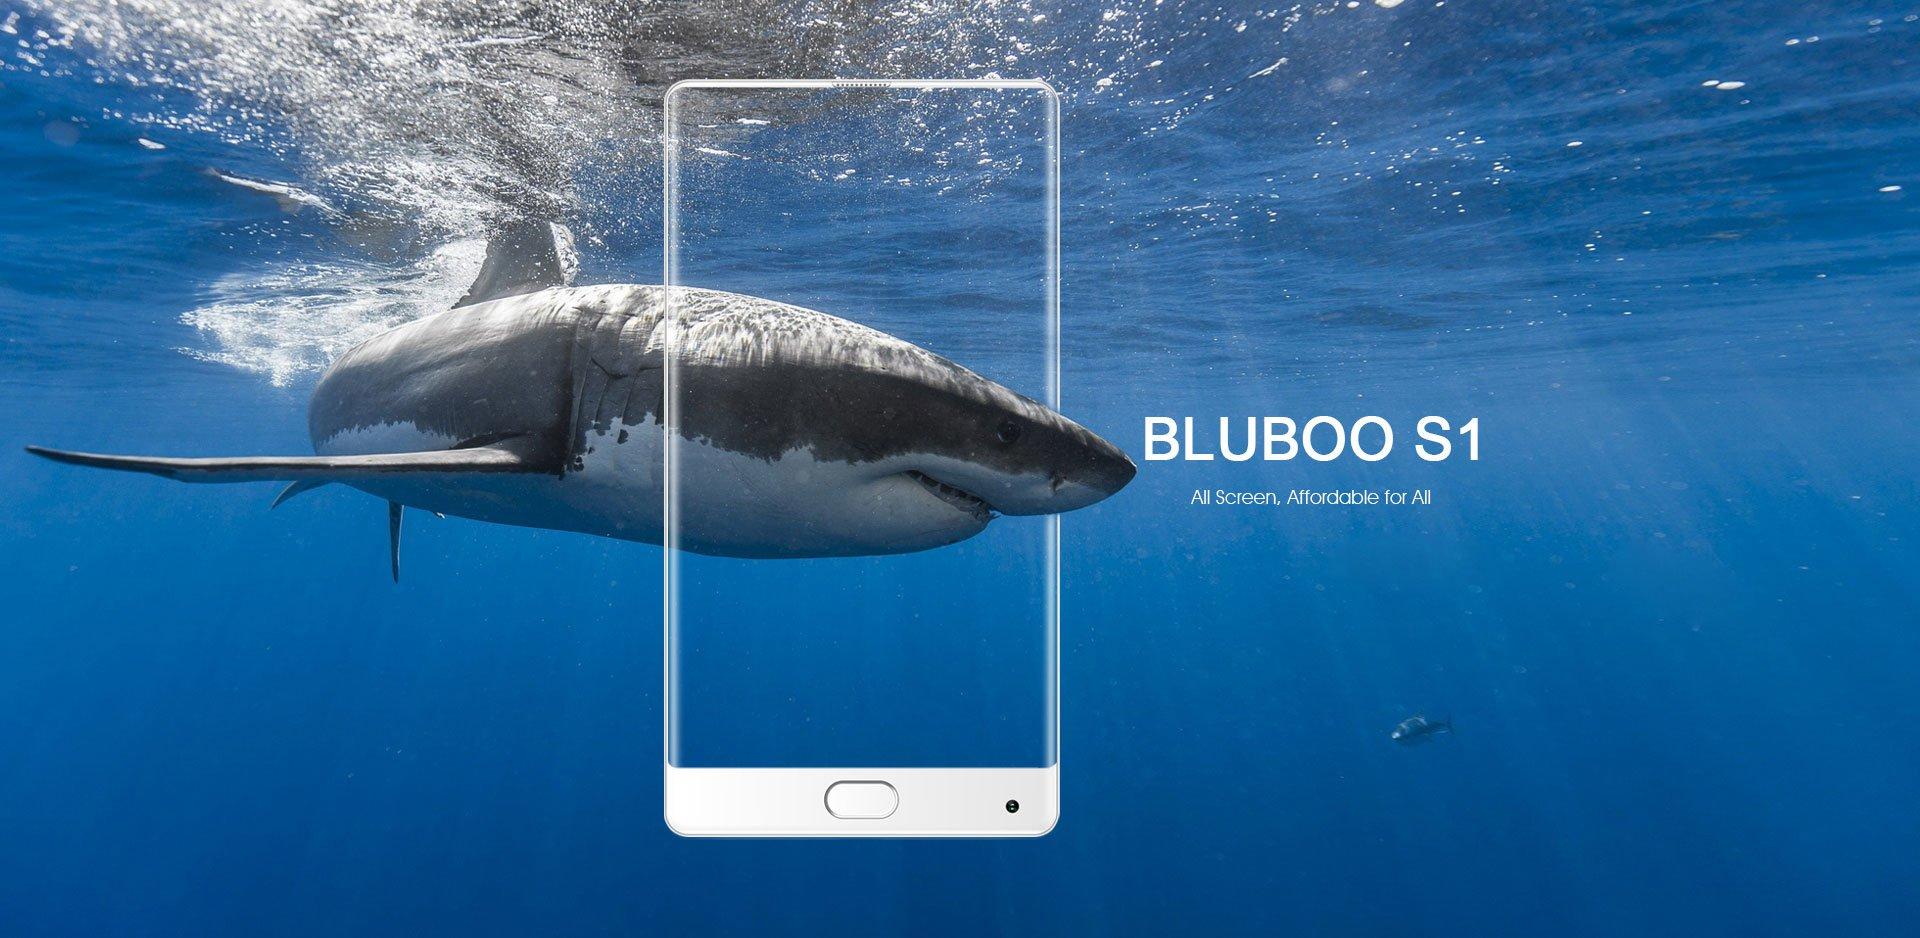 Prawie bezramkowy Bluboo S1 trafił do sprzedaży w Polsce. Nie wydacie na niego majątku 23